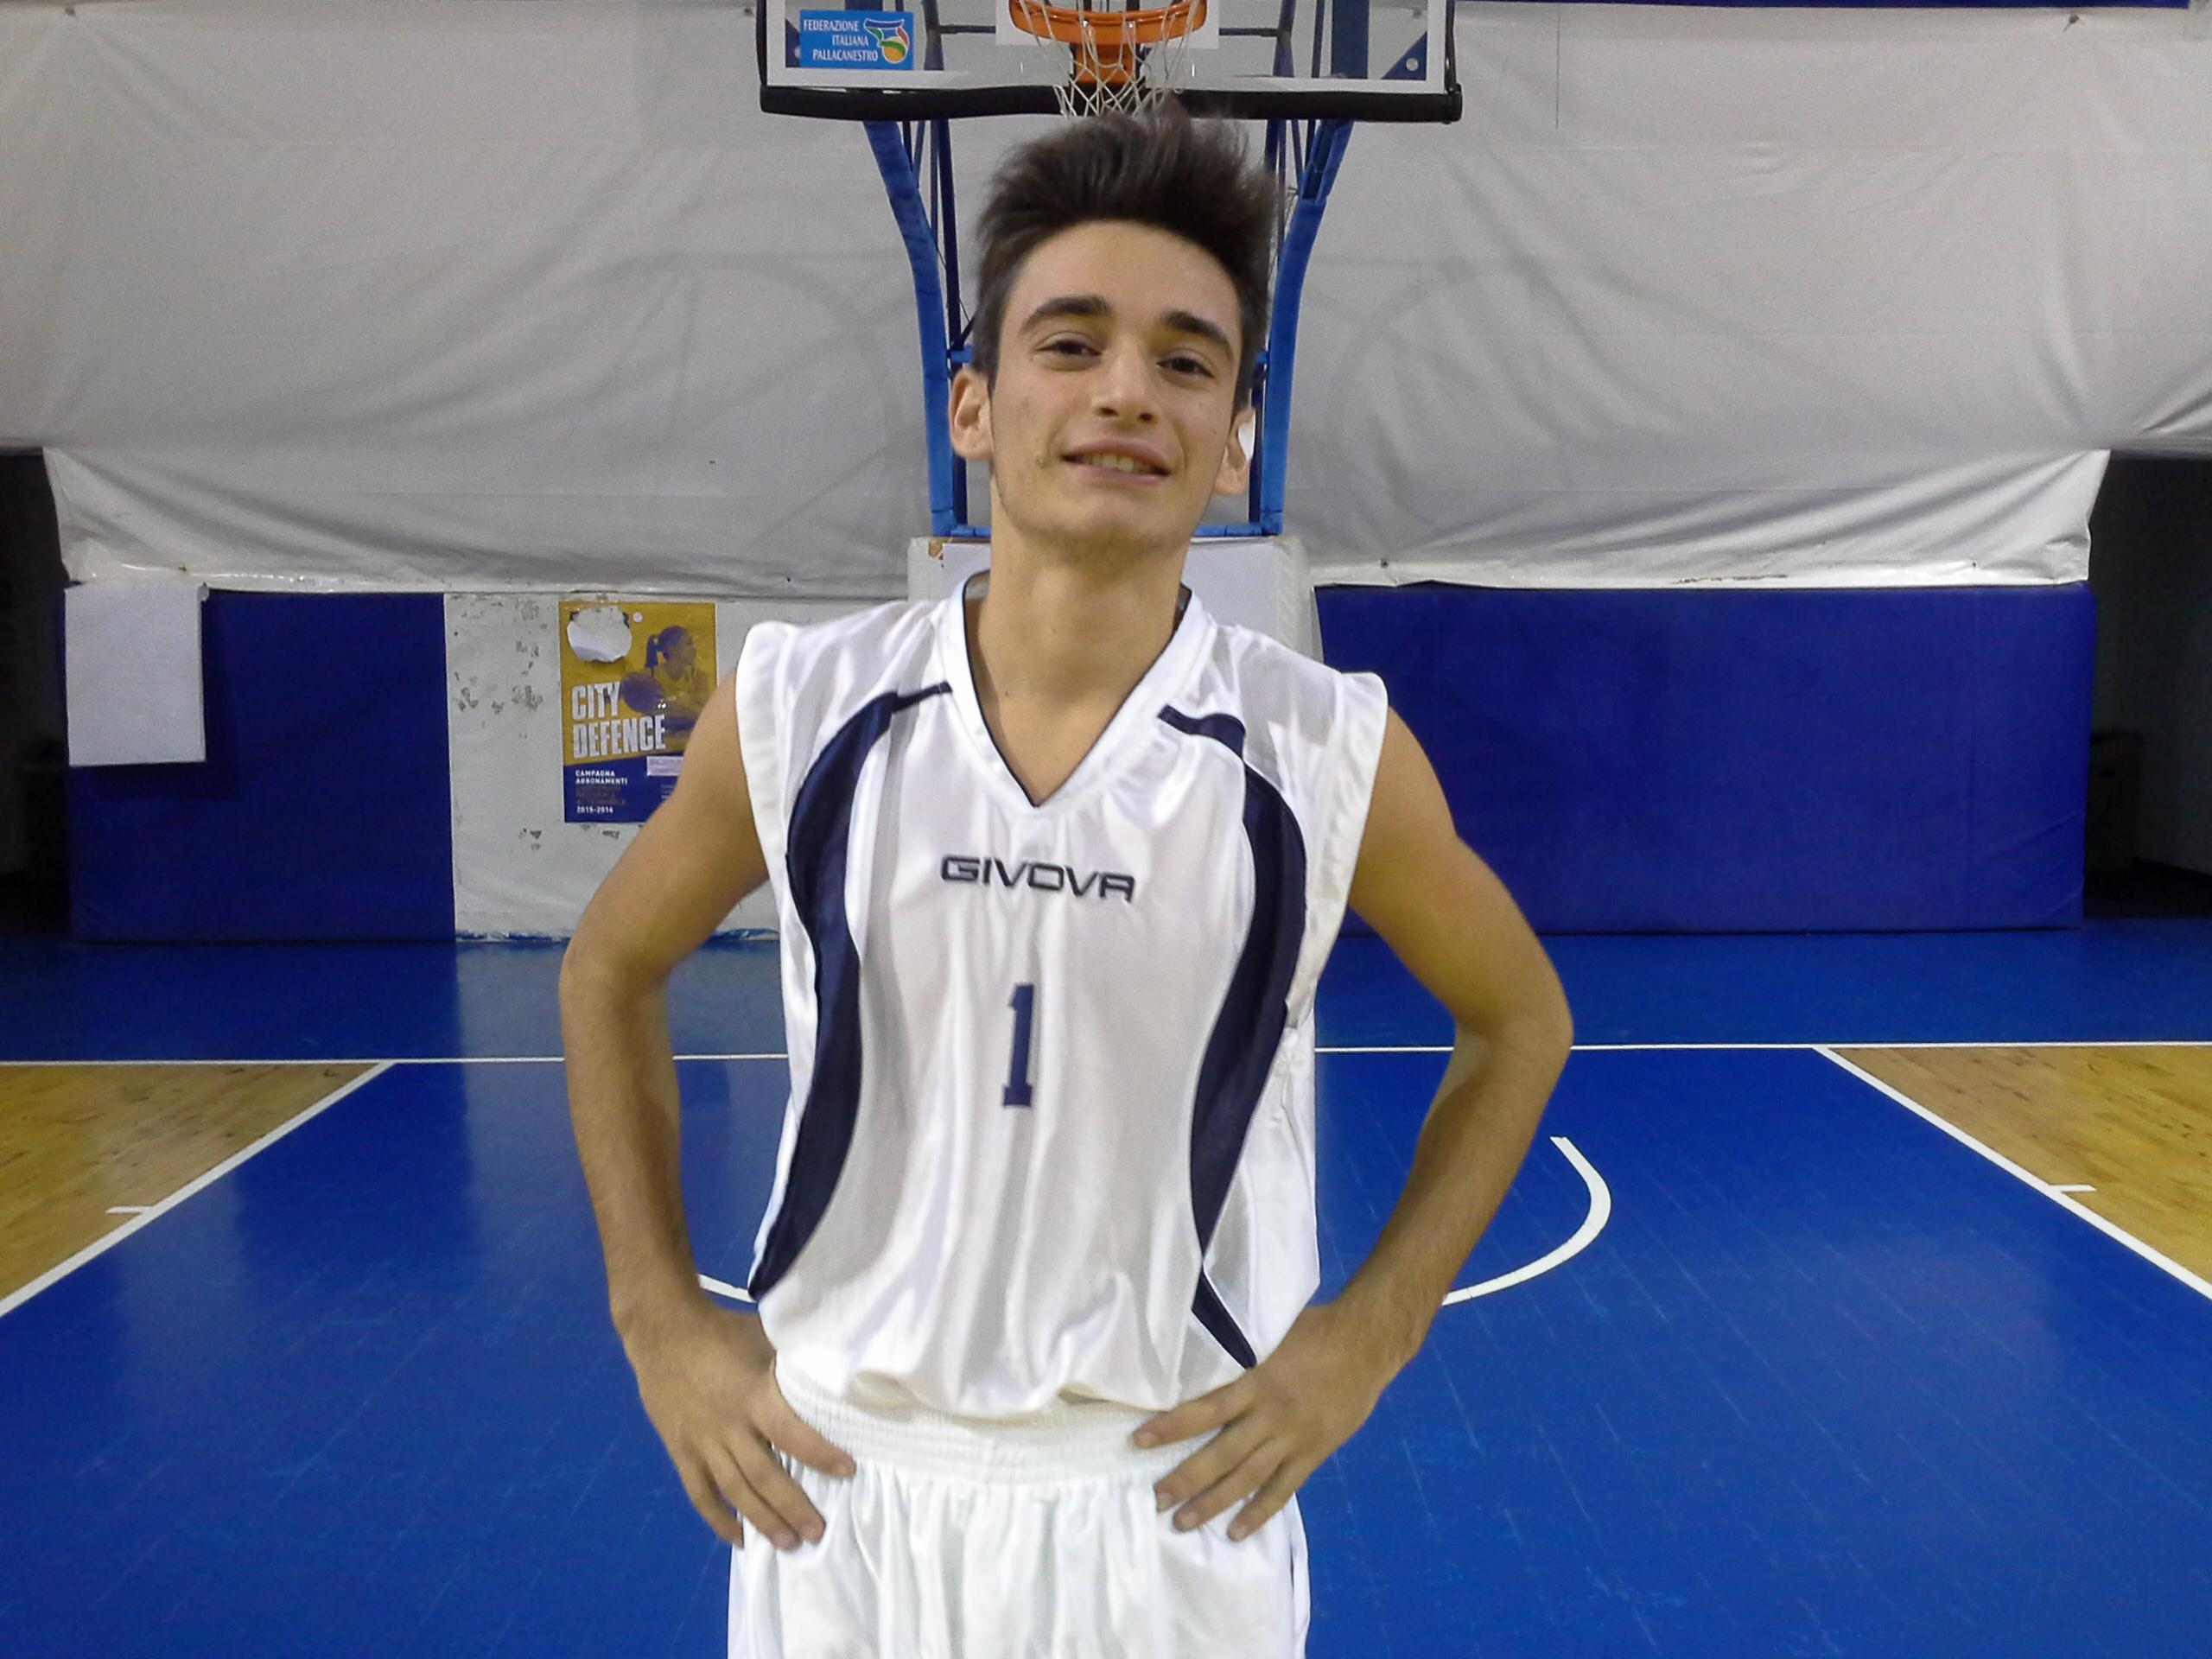 Francesco Pio Palo